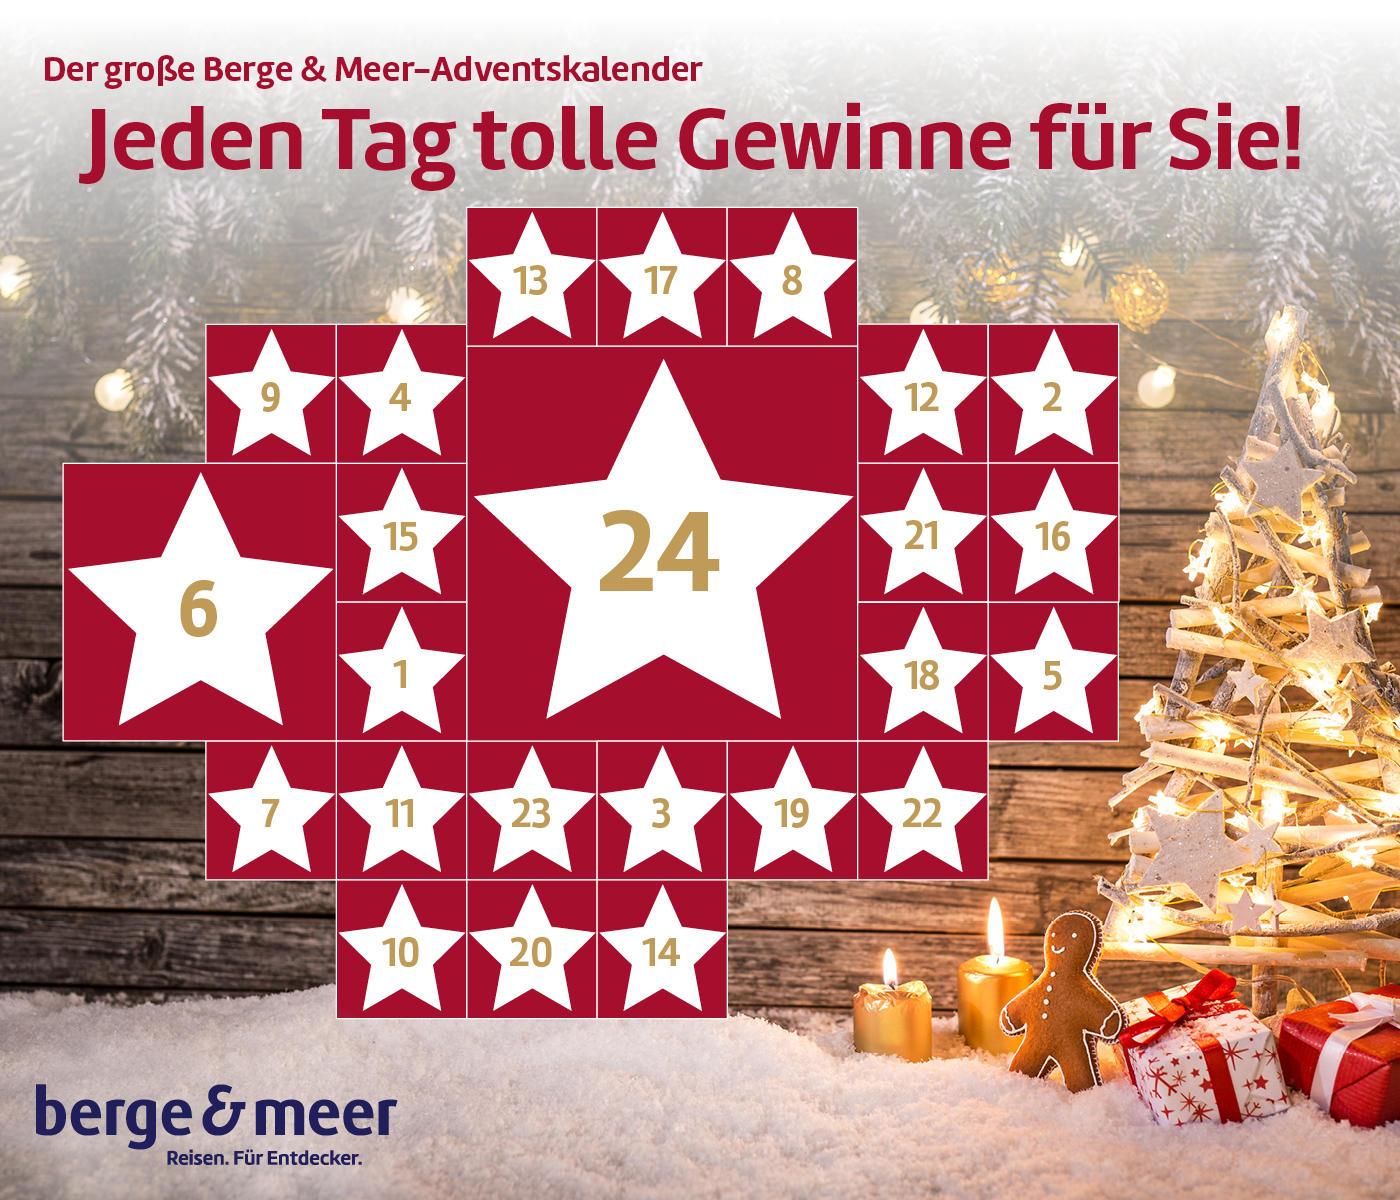 Gewinn Weihnachtskalender.Berge Meer Adventskalender 2018